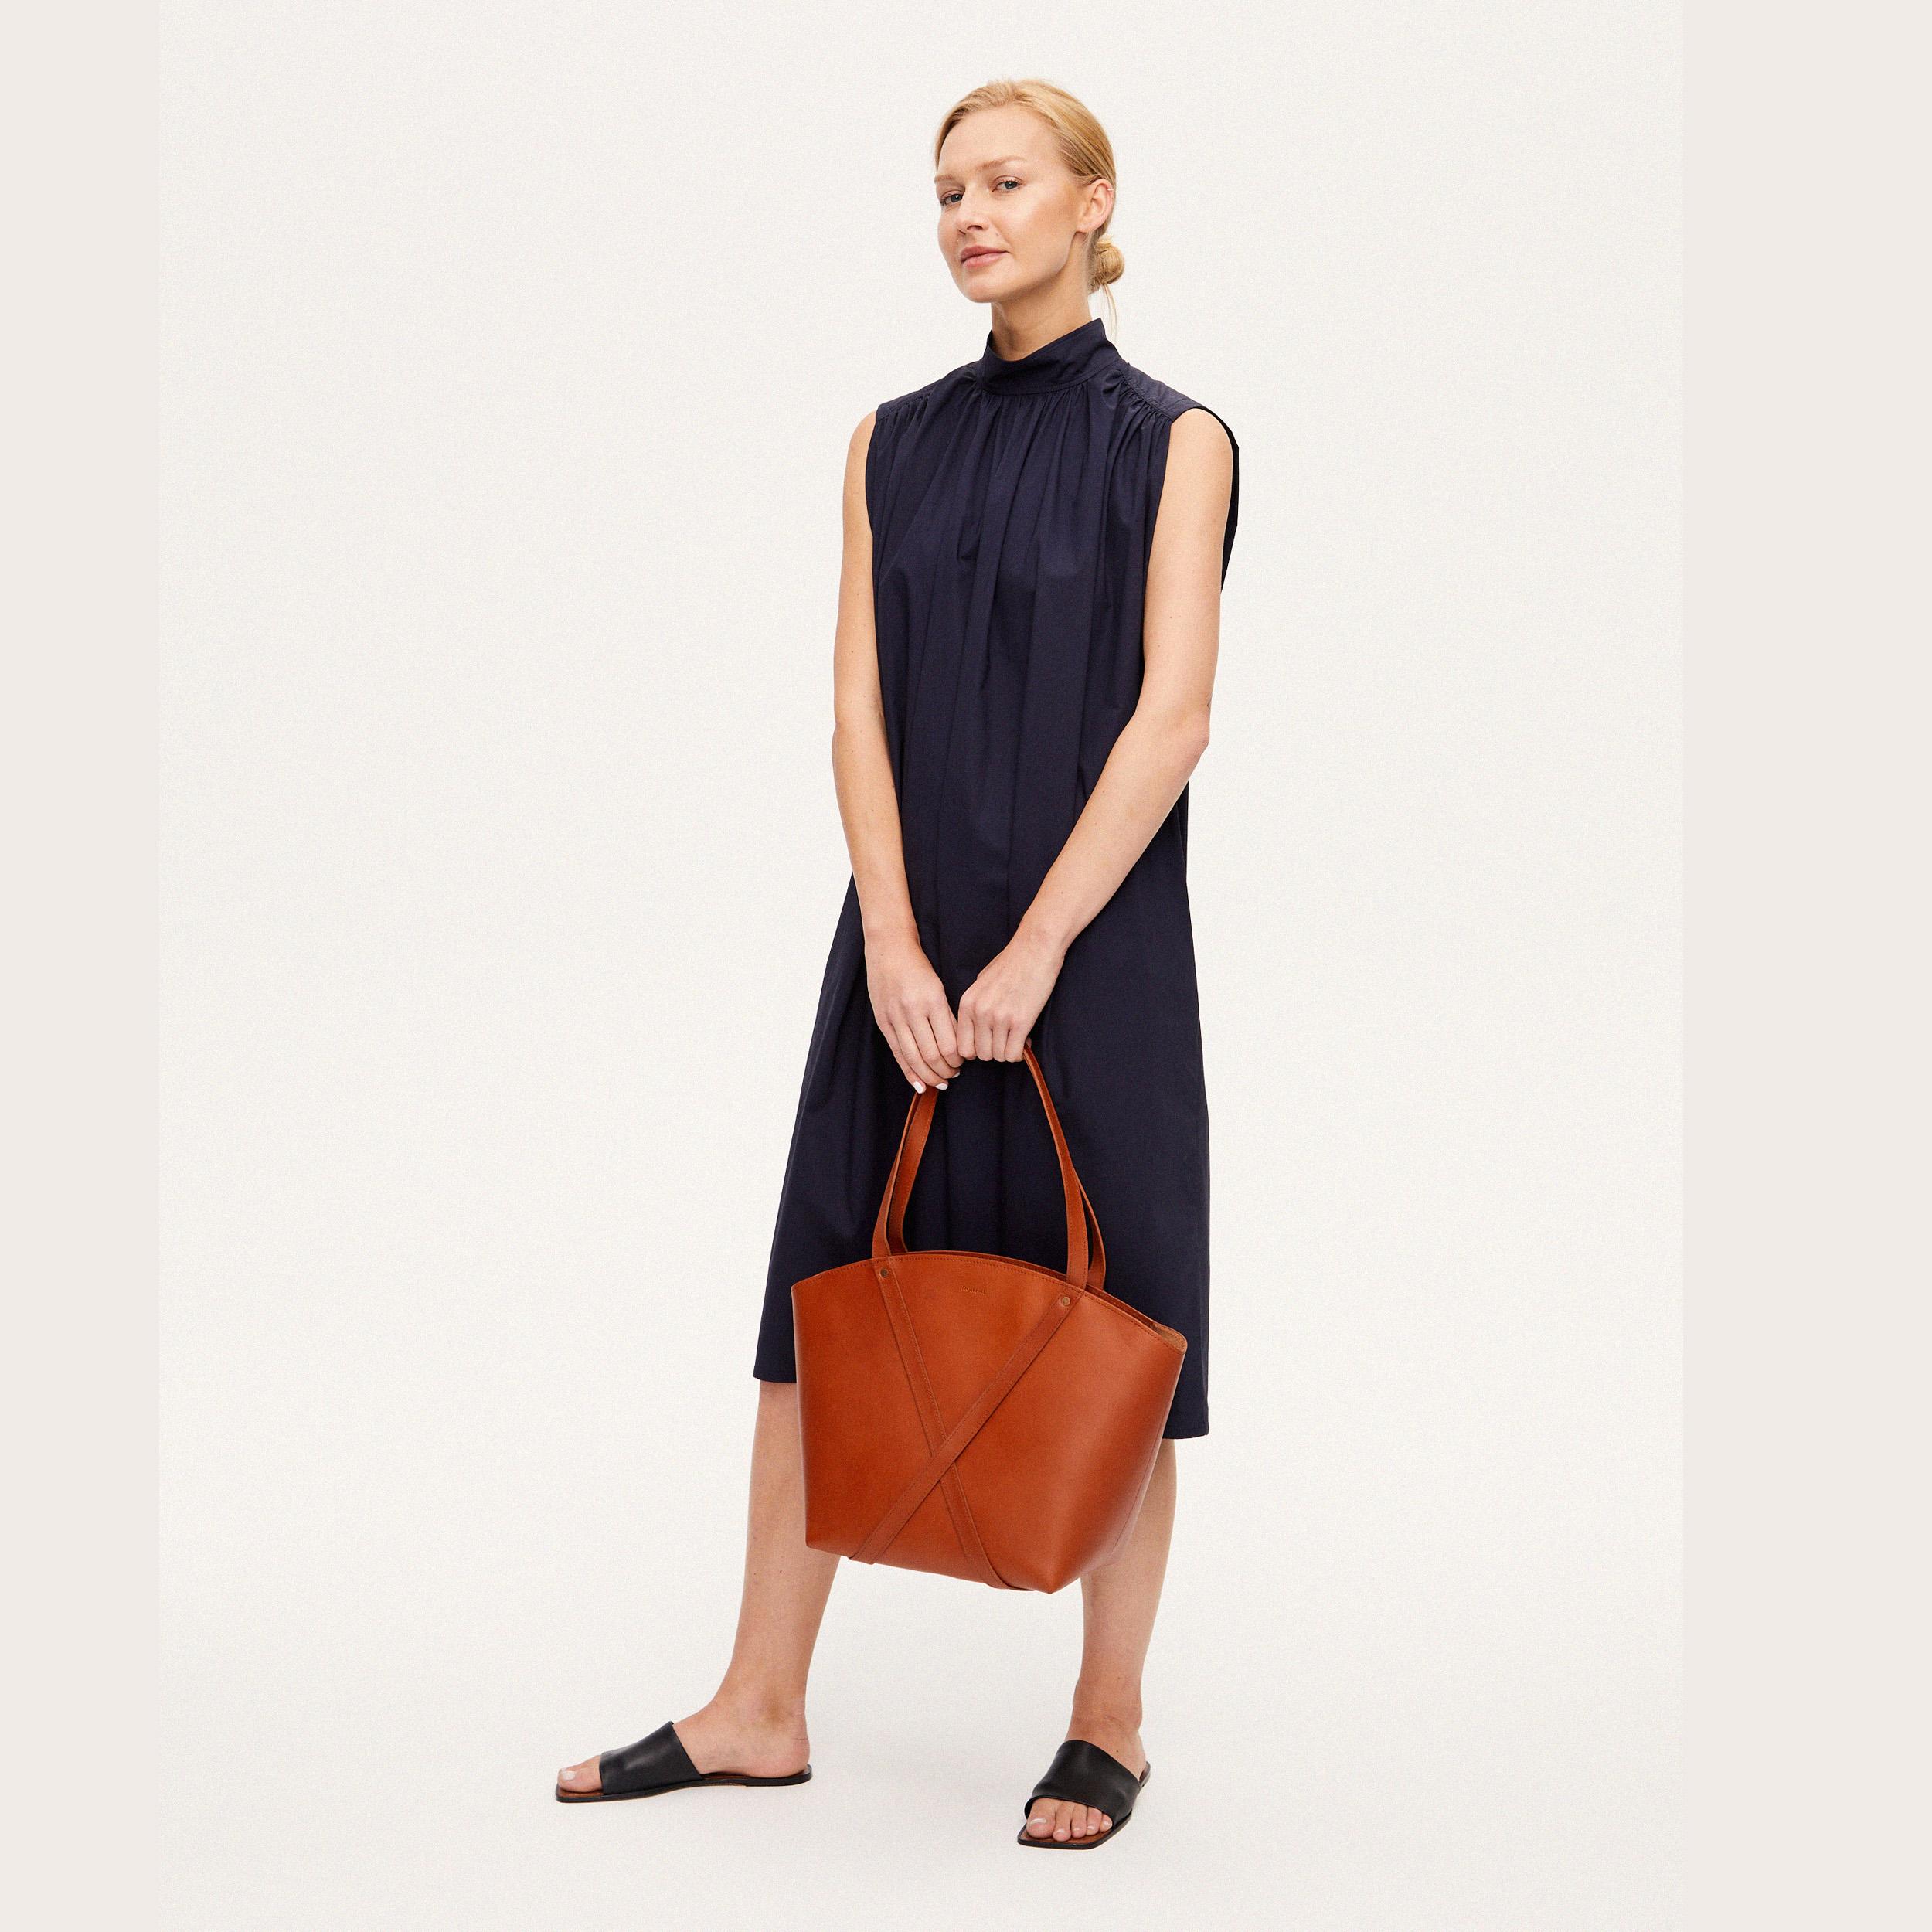 BONDIA Shopper Bag Cognac-look-1